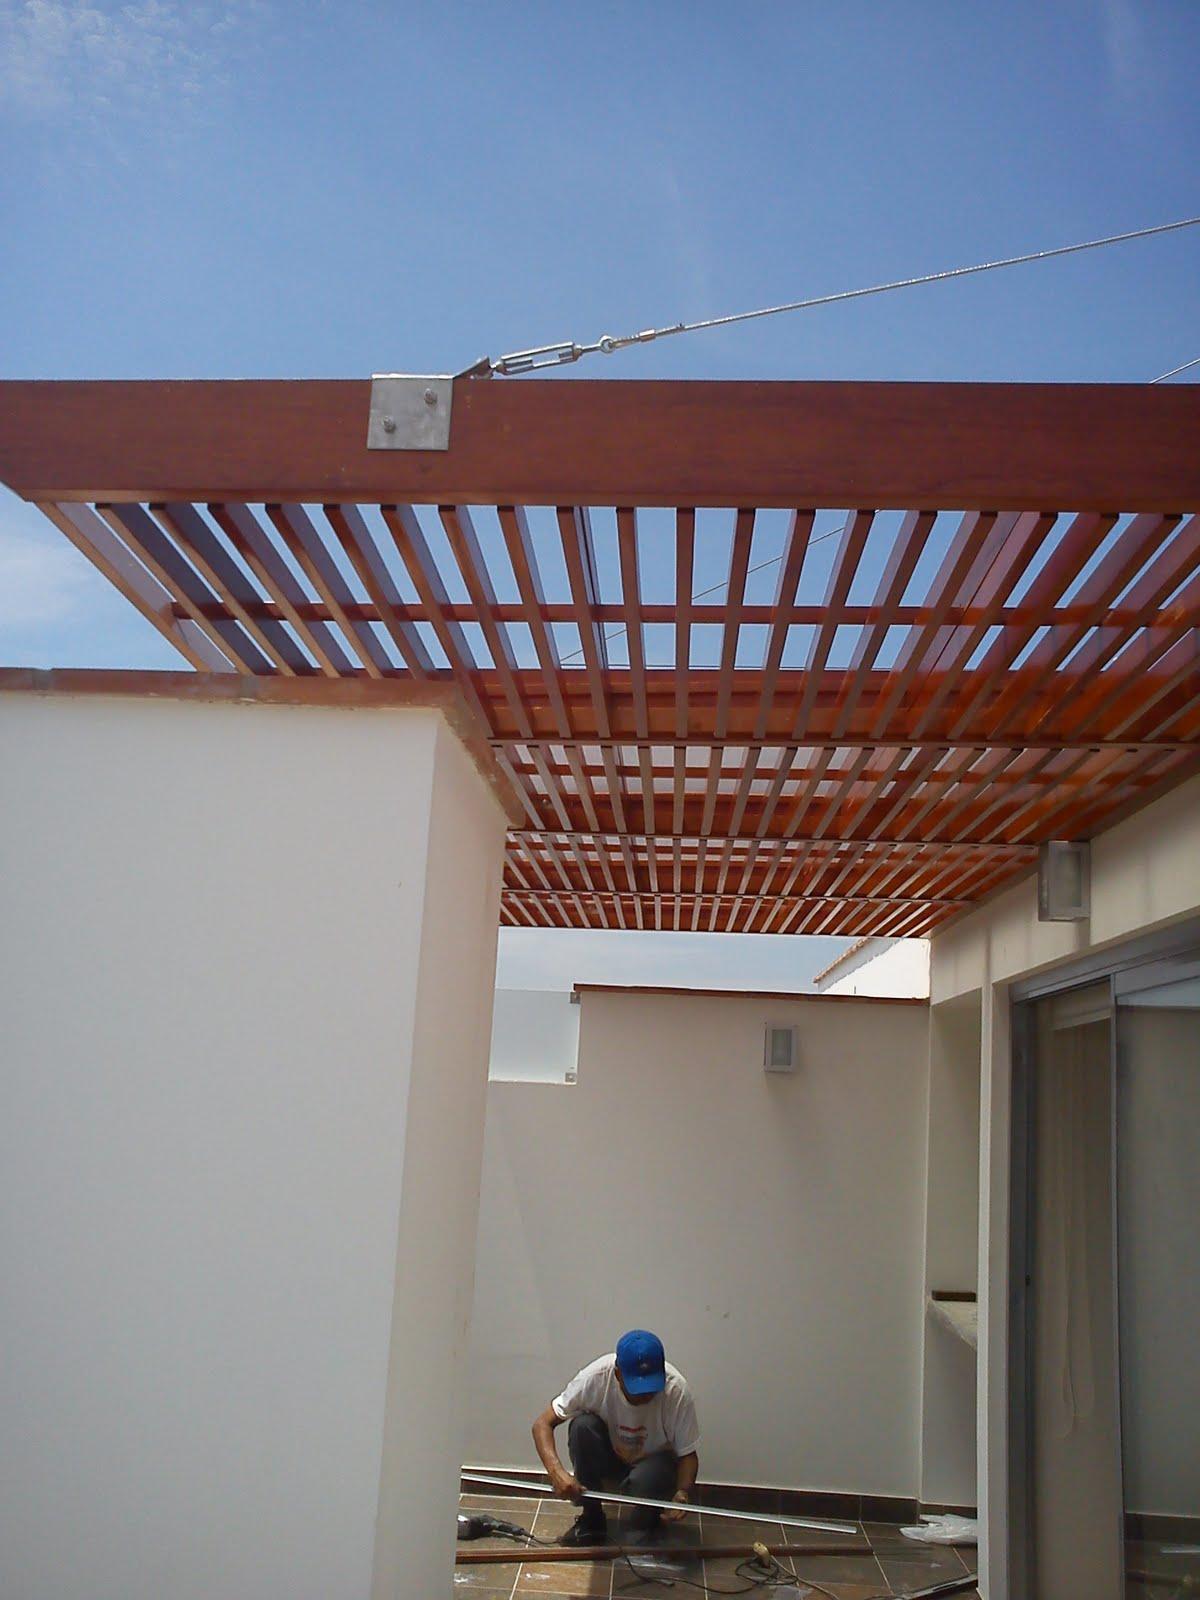 Techo sol y sombra con tensores surco cgc san hilarion - Estructuras de madera para techos ...